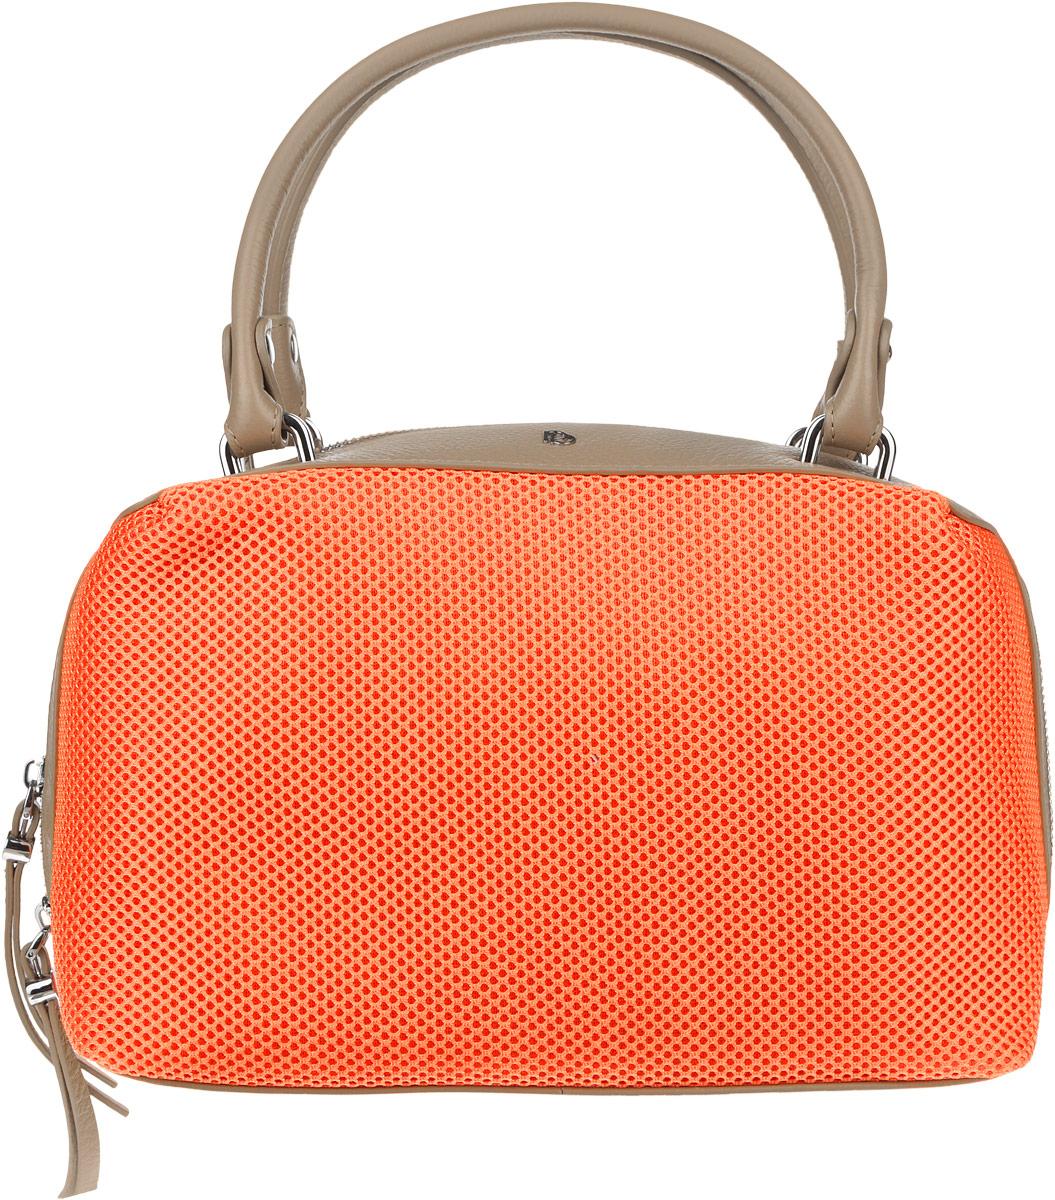 Сумка женская Pimo Betti, цвет: оранжевый, темно-бежевый. 14674B1-W1101225Оригинальная женская сумка торговой марки Pimo Betti выполнена из натуральной кожи с зернистой фактурой и текстильных вставок с перфорированной поверхностью. Модель закрывается на металлическую застежку-молнию.Сумка состоит из одного отделения, содержит два нашивных кармана для мелочей и мобильного телефона и врезной карман на пластиковой молнии. На задней стенке предусмотрен небольшой прорезной карман на молнии. Изделие оснащено удобными ручками. Дно сумки дополнено металлическими ножками, которые защищают изделие от повреждений. Сумка декорирована металлическими элементами с символикой логотипа бренда.Прилагается фирменный текстильный чехол для хранения.Оригинальный аксессуар позволит вам завершить образ и всегда быть в центре внимания.